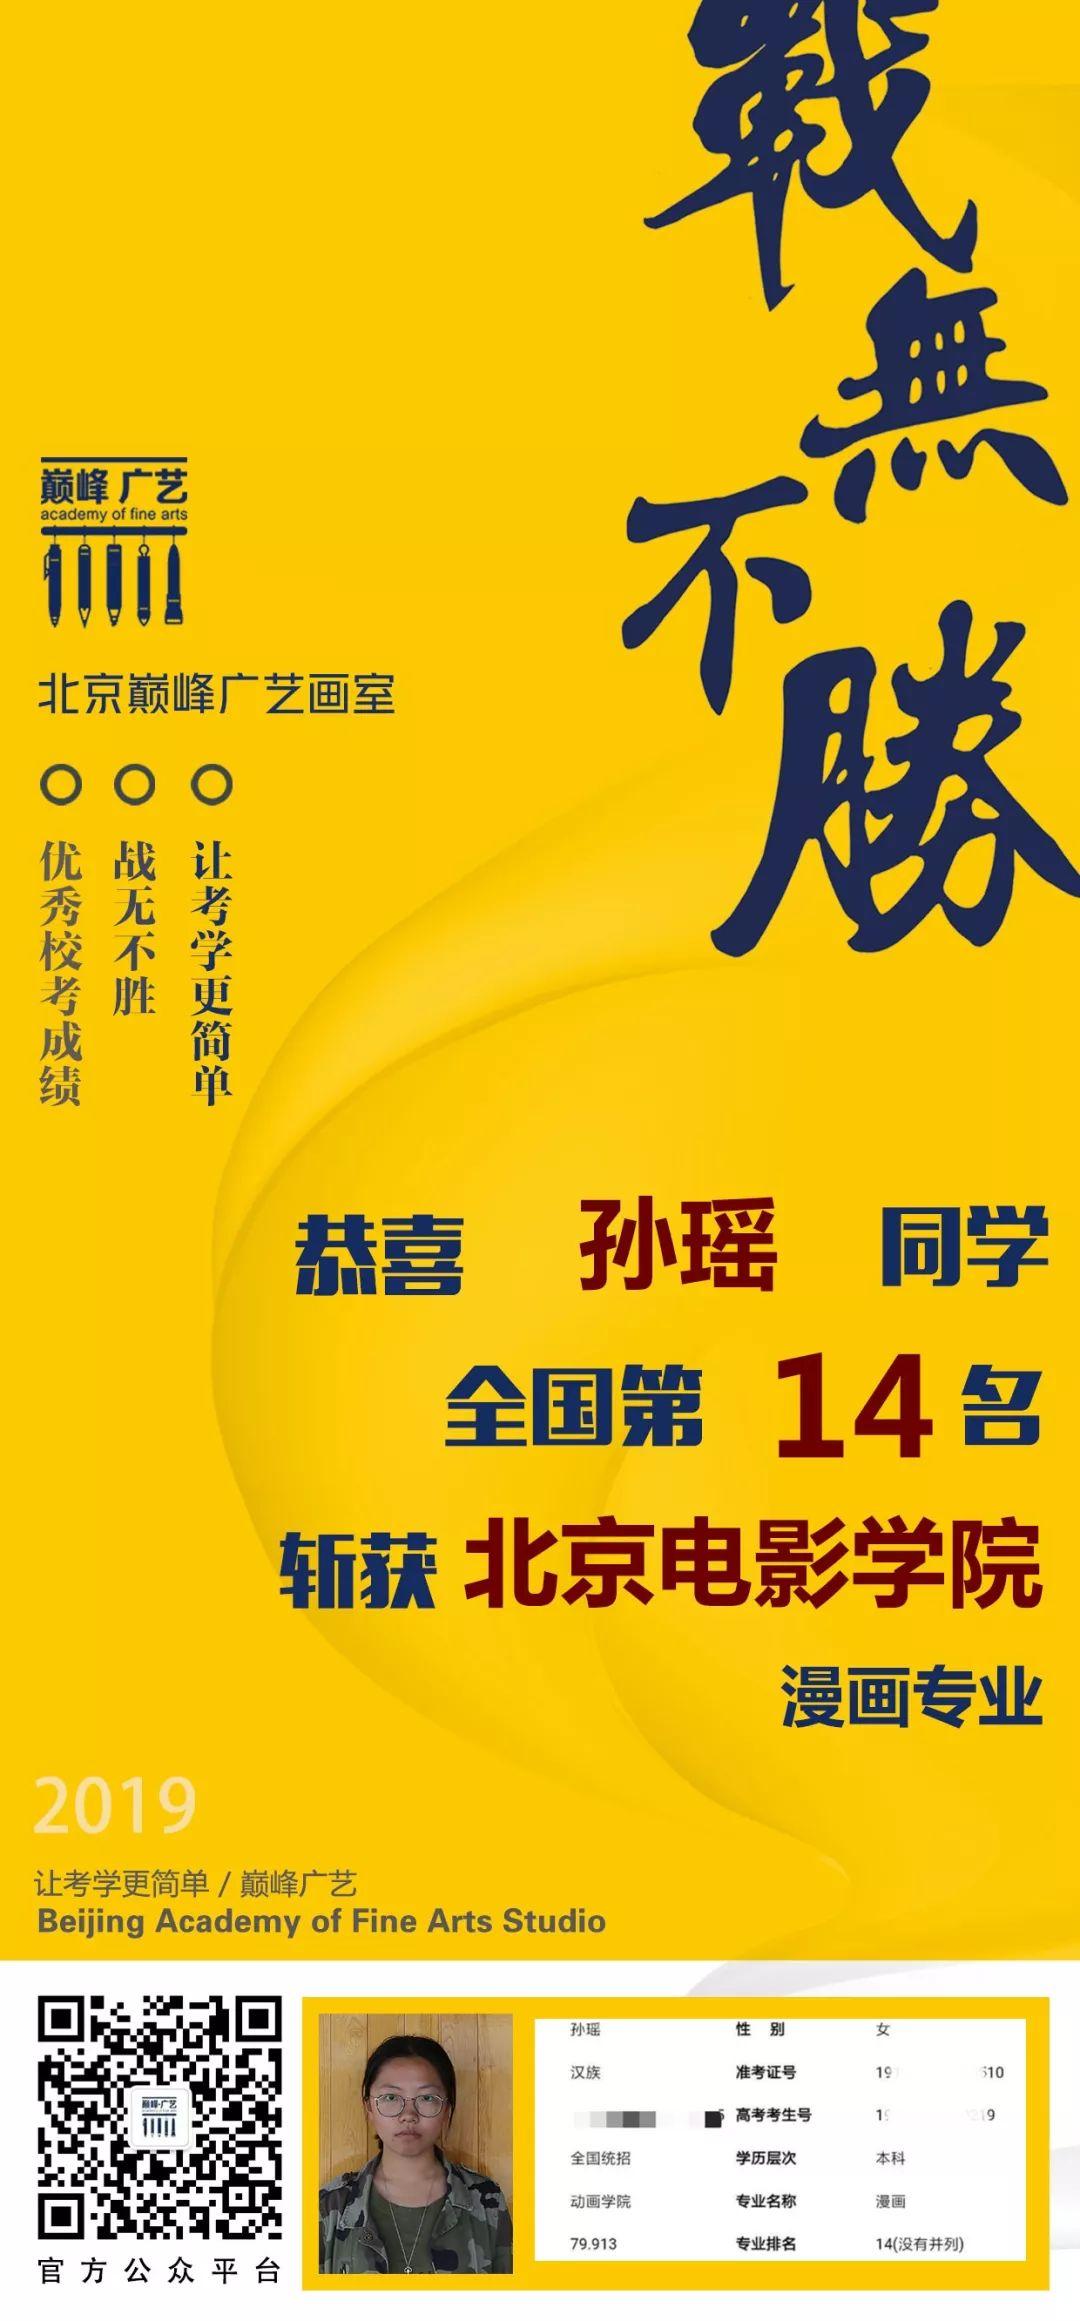 中国传媒大学,北京电影学院,中央戏剧学院,北京巅峰广艺画室       38